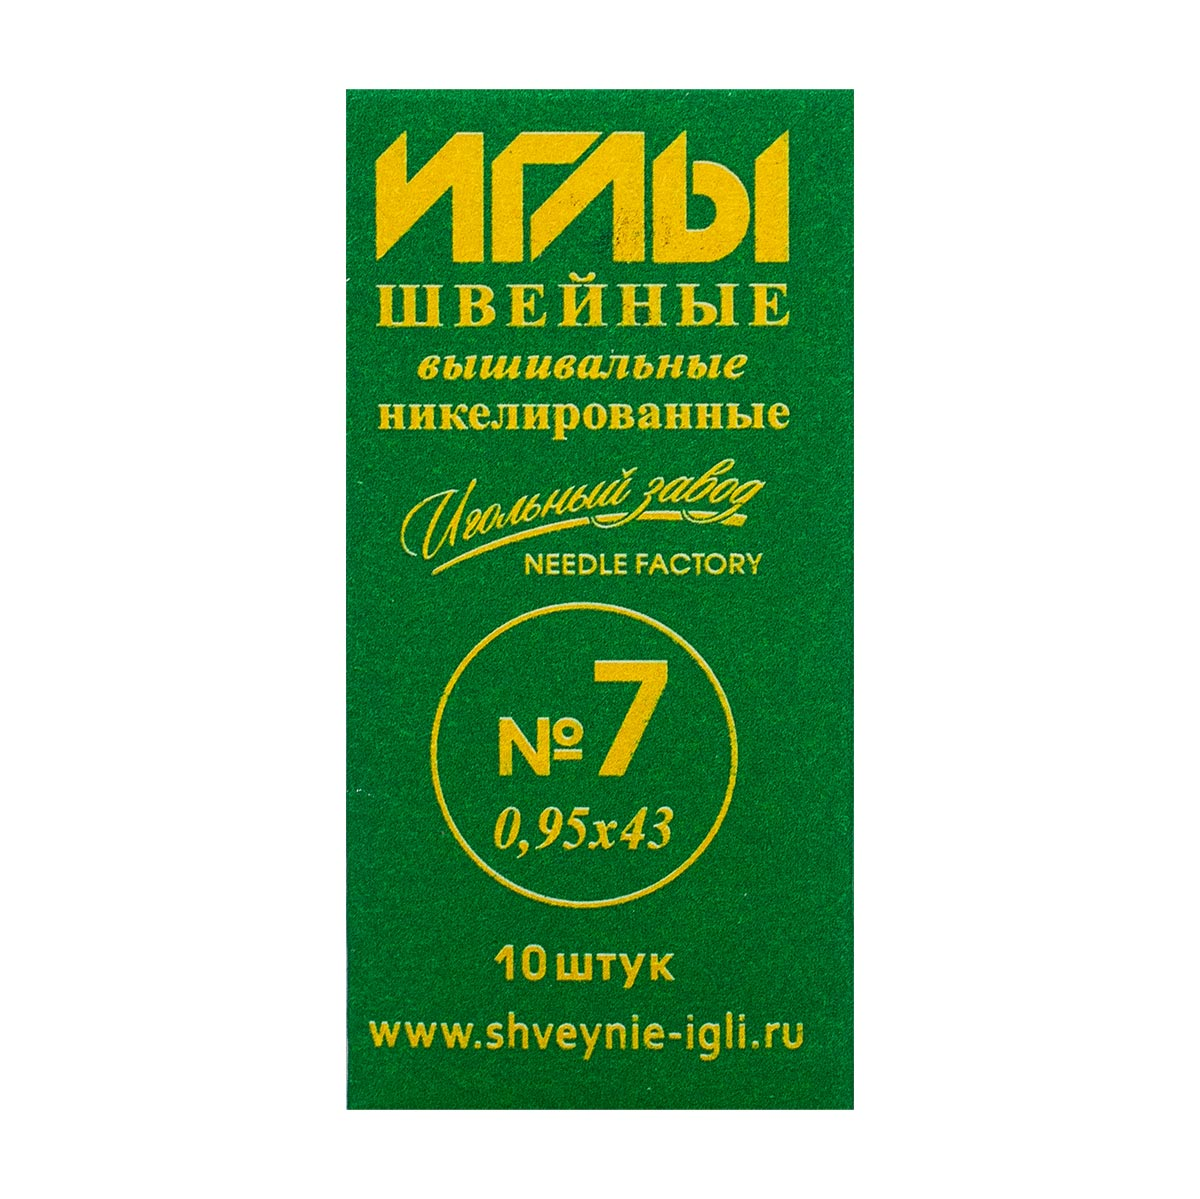 ИЗ-200125 Иглы швейные ручные вышивальные №7 никелированные (0,95-43мм),10шт